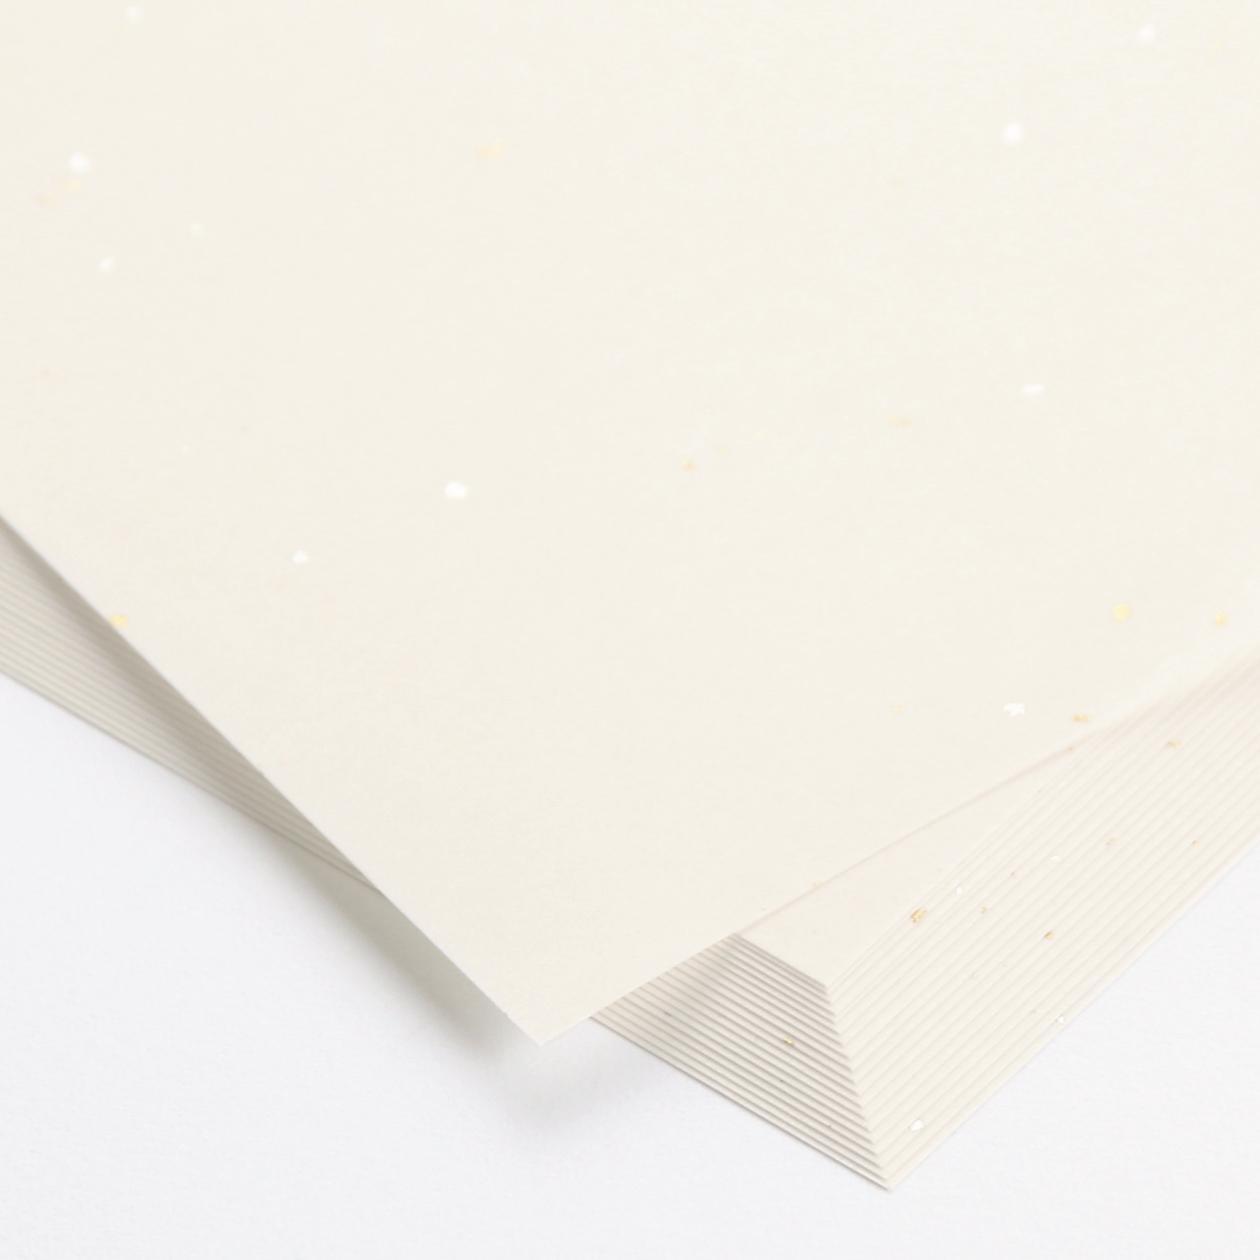 A4シート 白うさぎ 金銀 98g